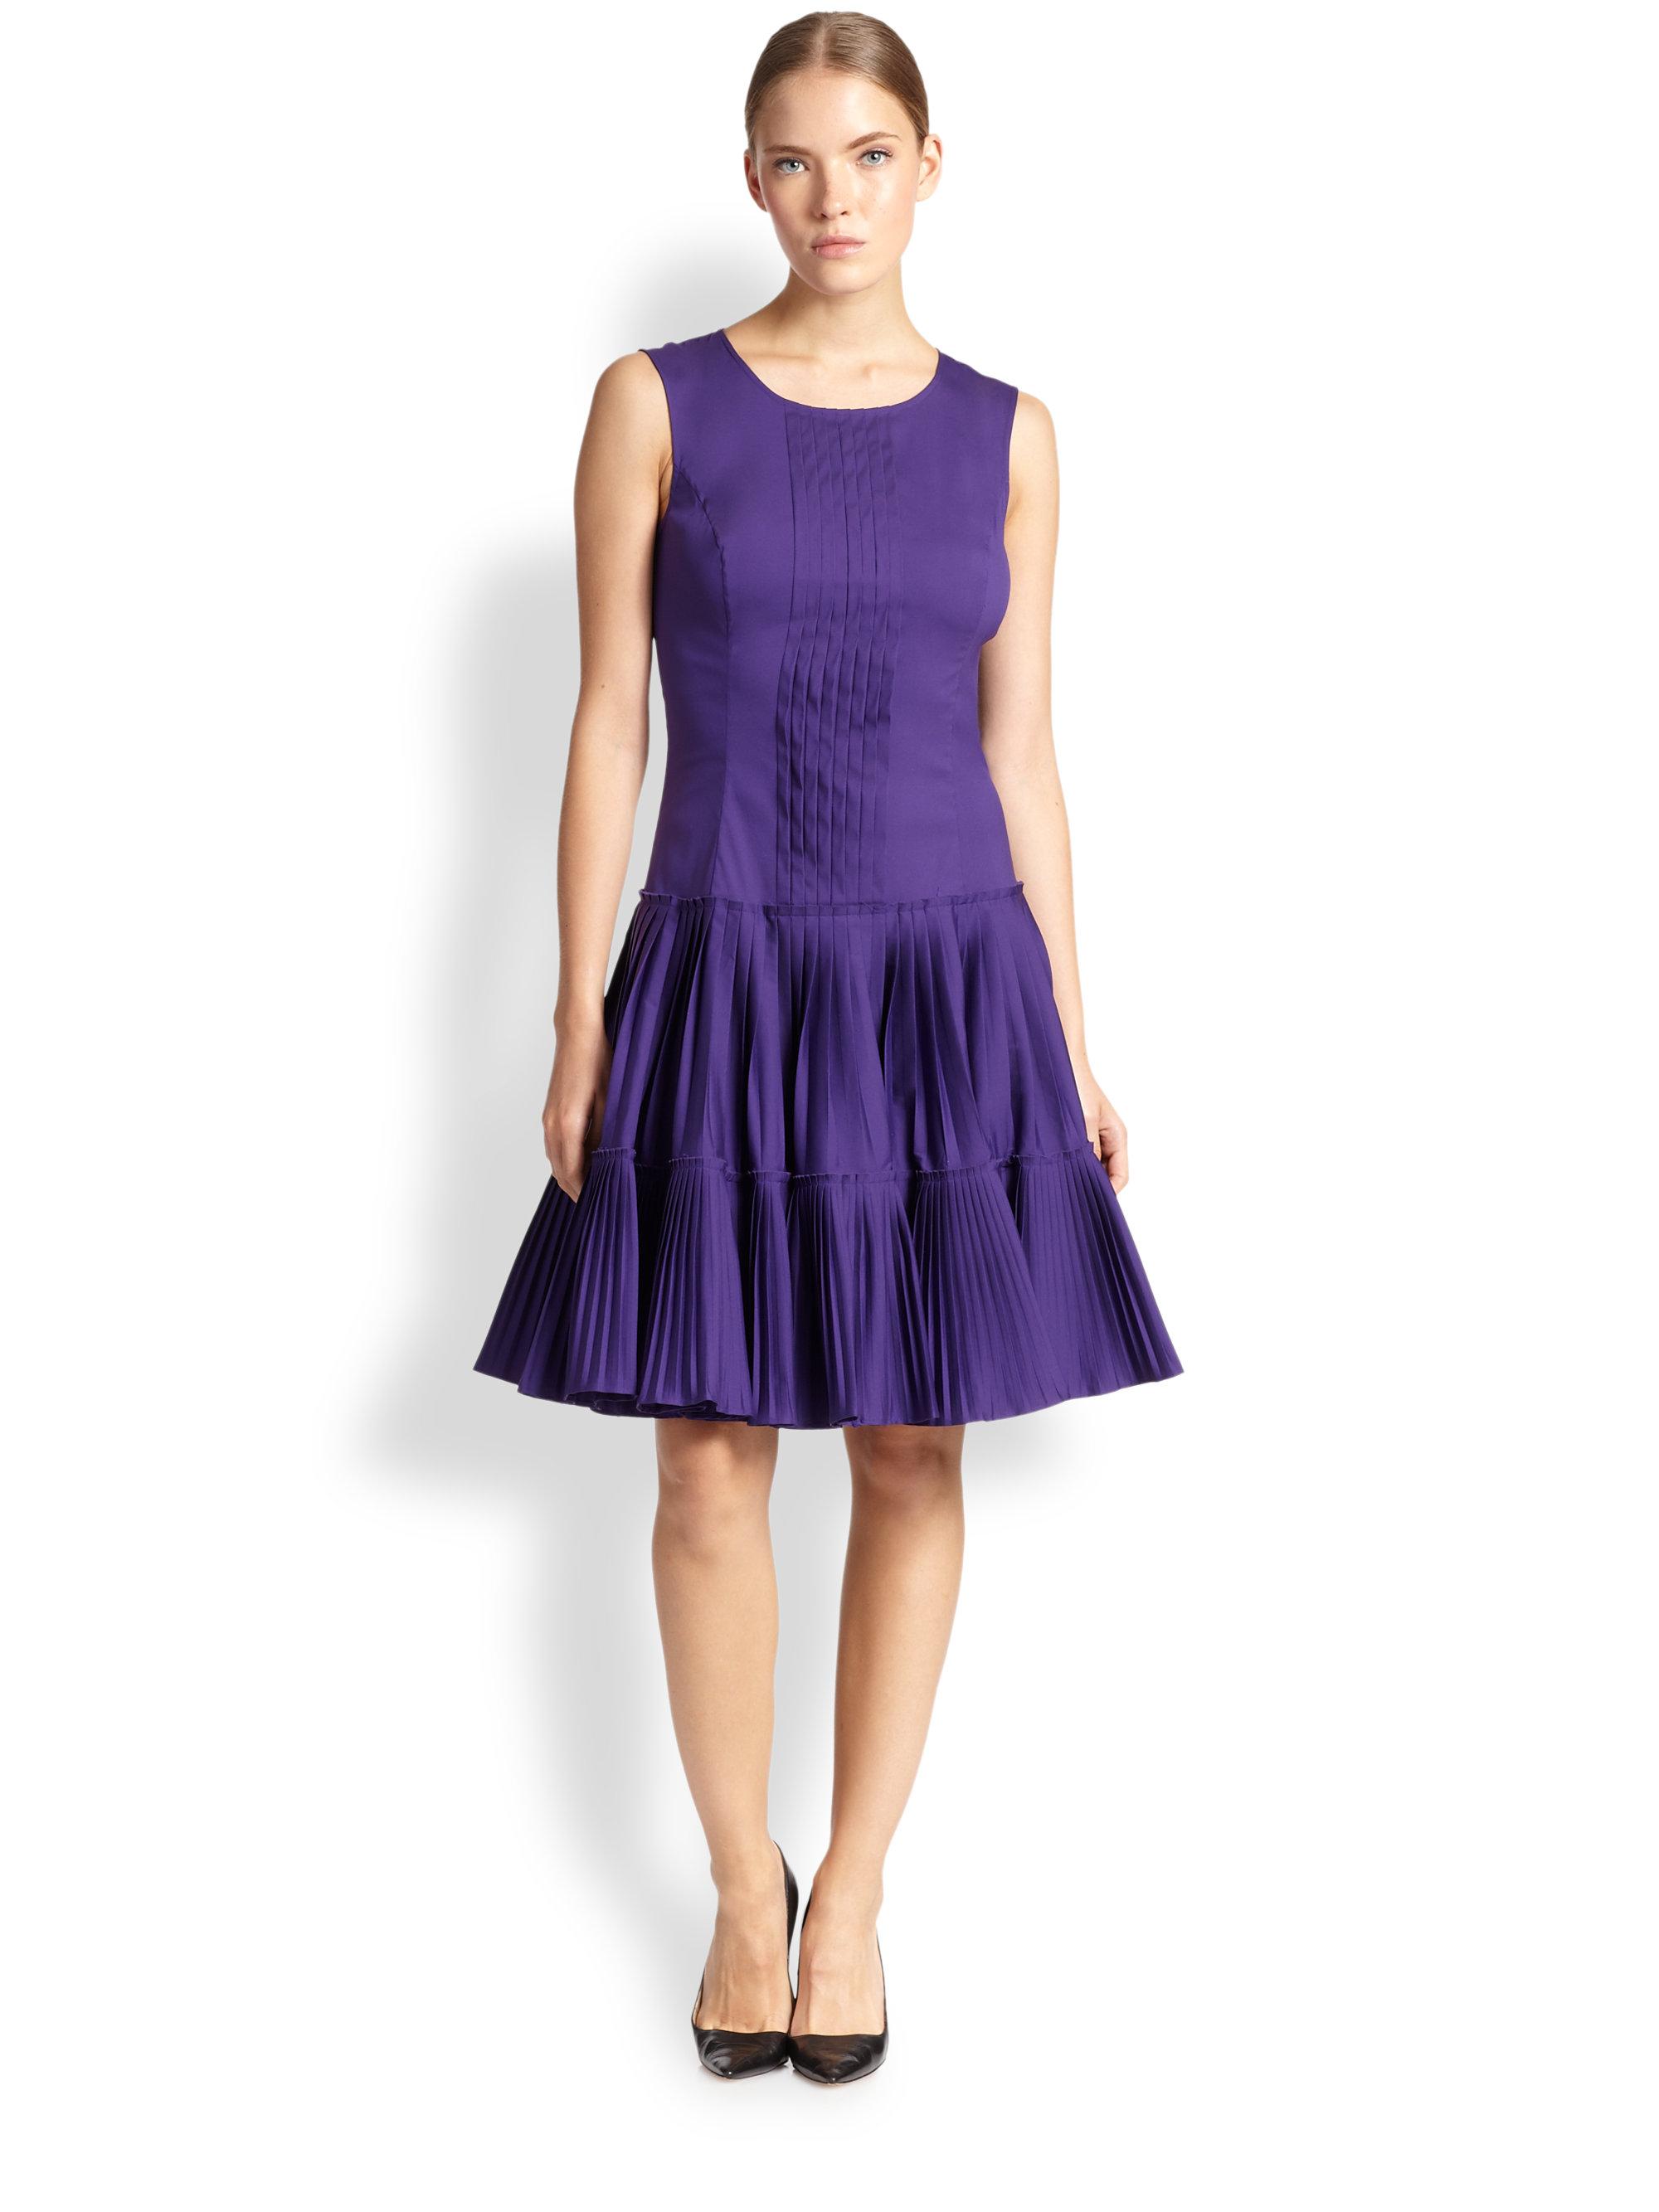 Lyst - Oscar De La Renta Pleated Drop-Waist Dress in Purple